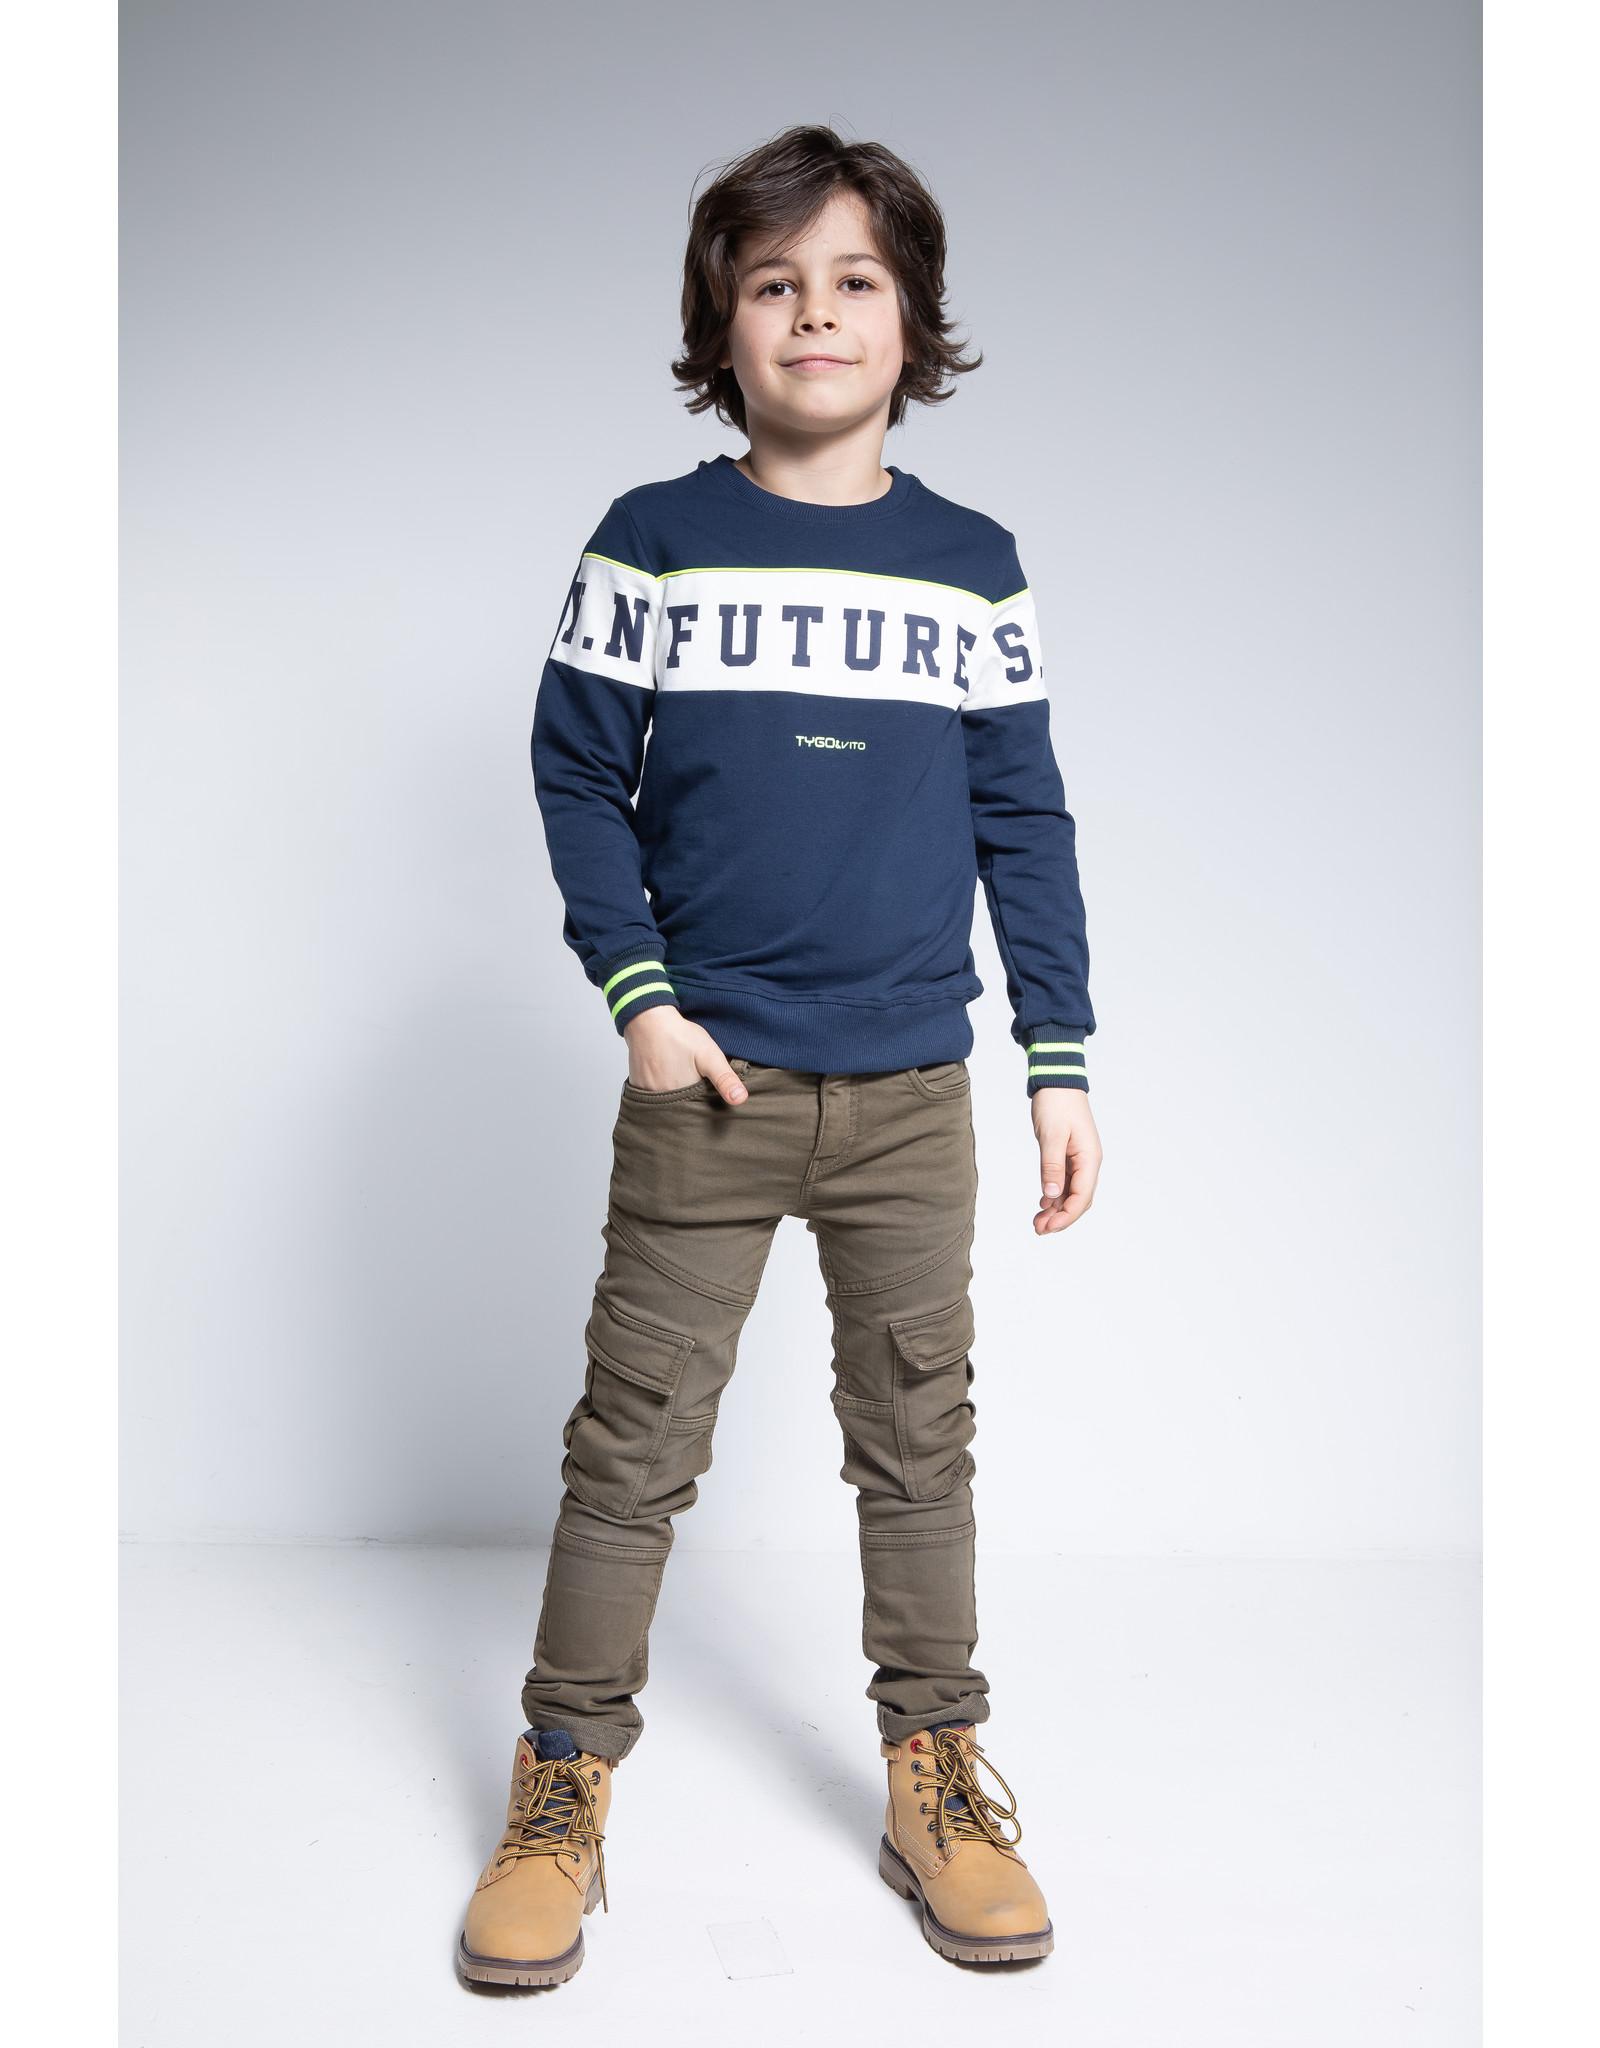 Tygo & Vito T&v sweater FUTURE maat 92